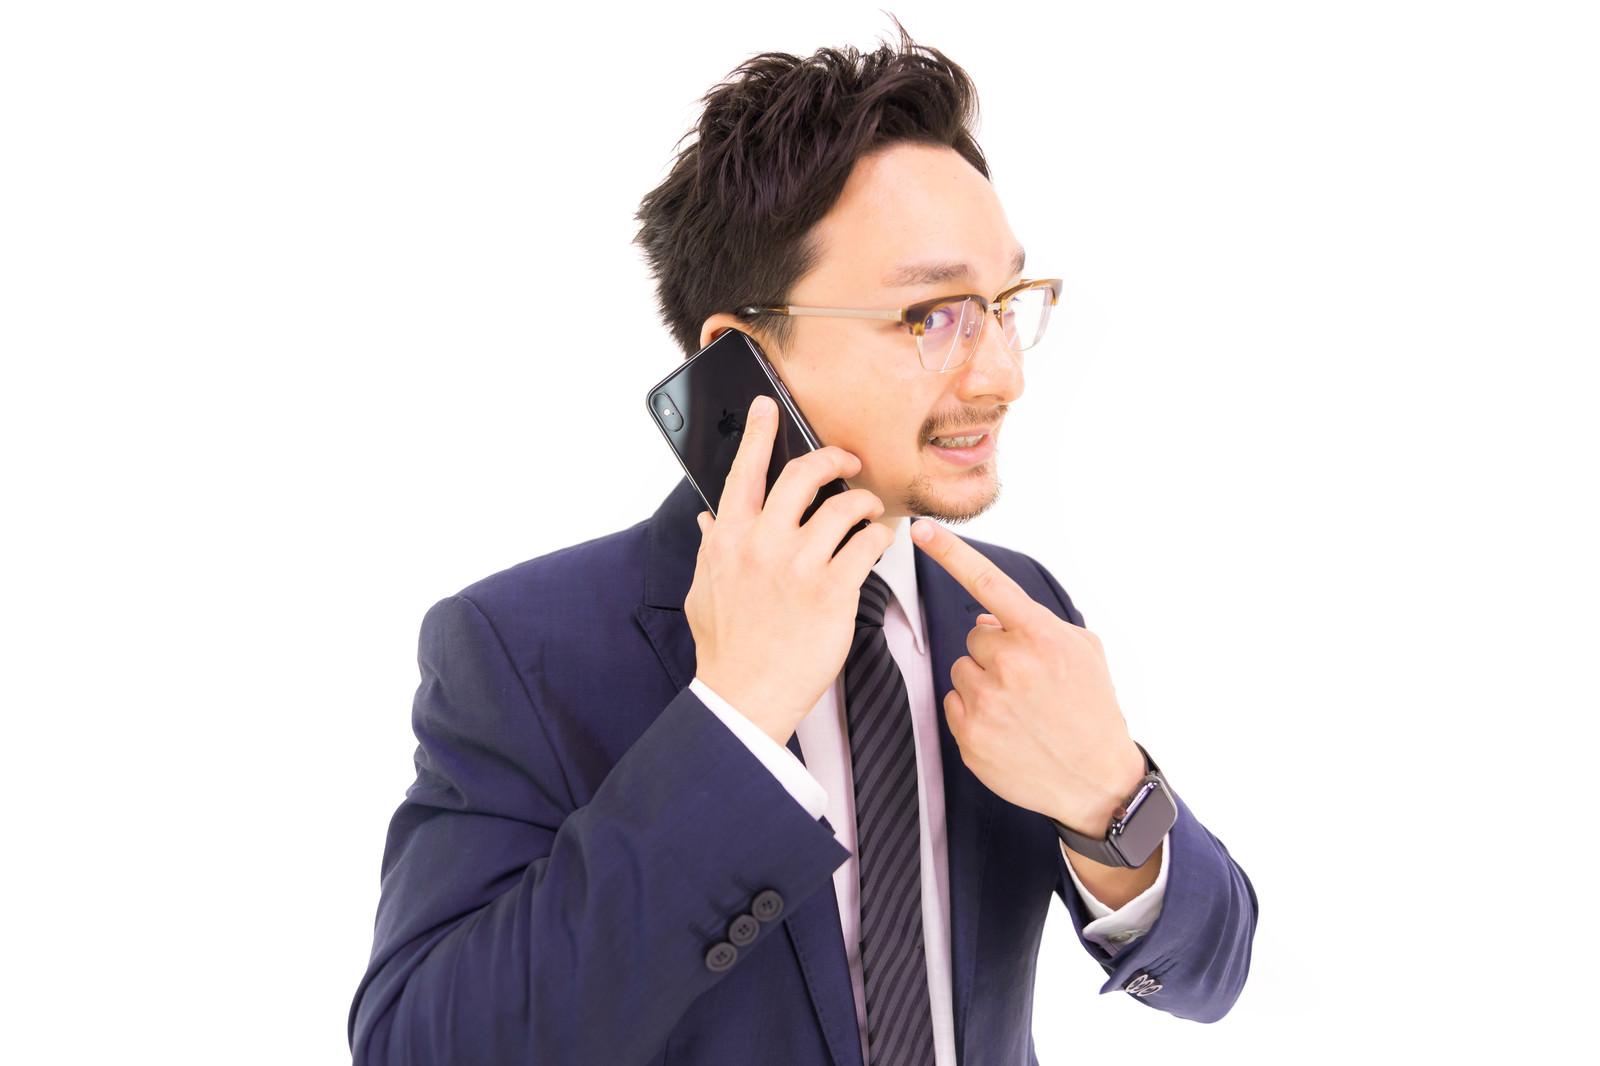 「「このスマートフォンですか? iPhone XS Max です」」の写真[モデル:Max_Ezaki]